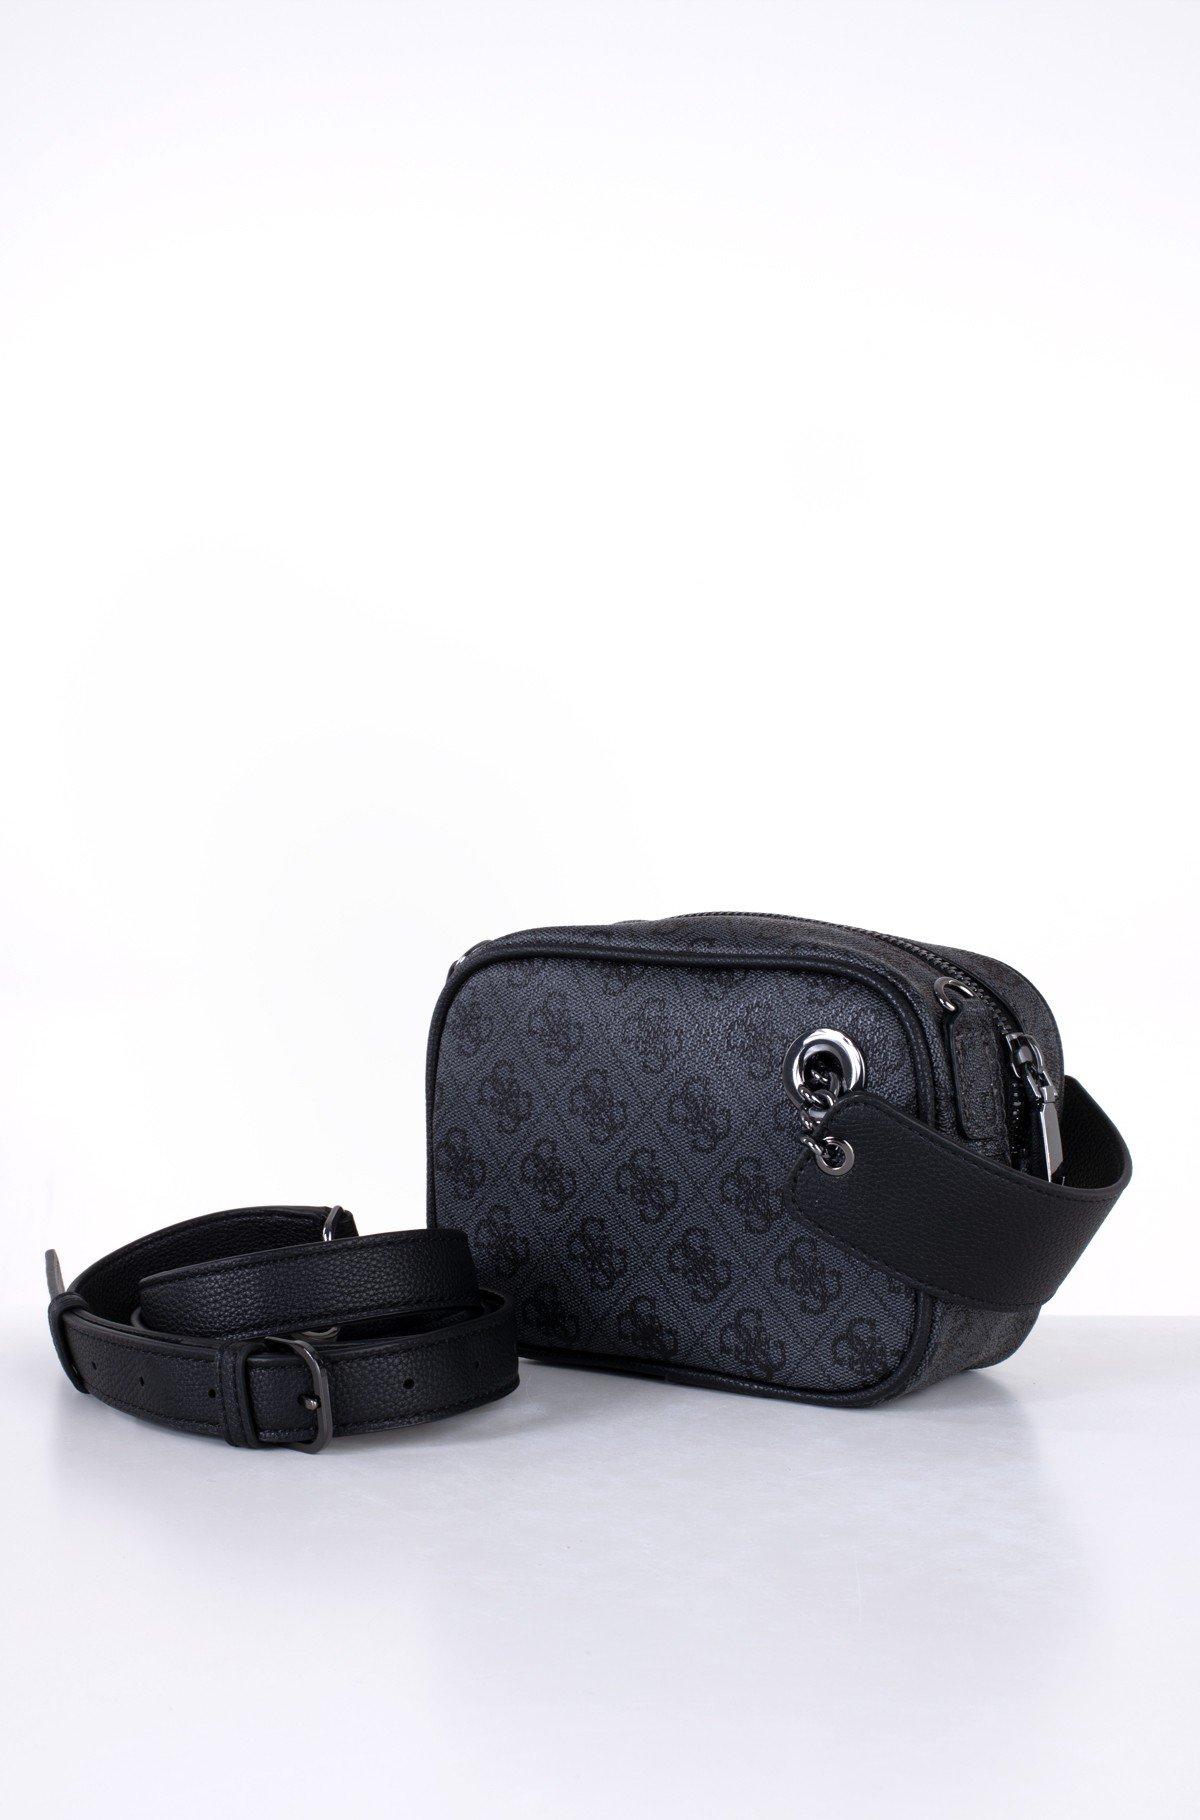 Shoulder bag HWSM69 94720-full-3